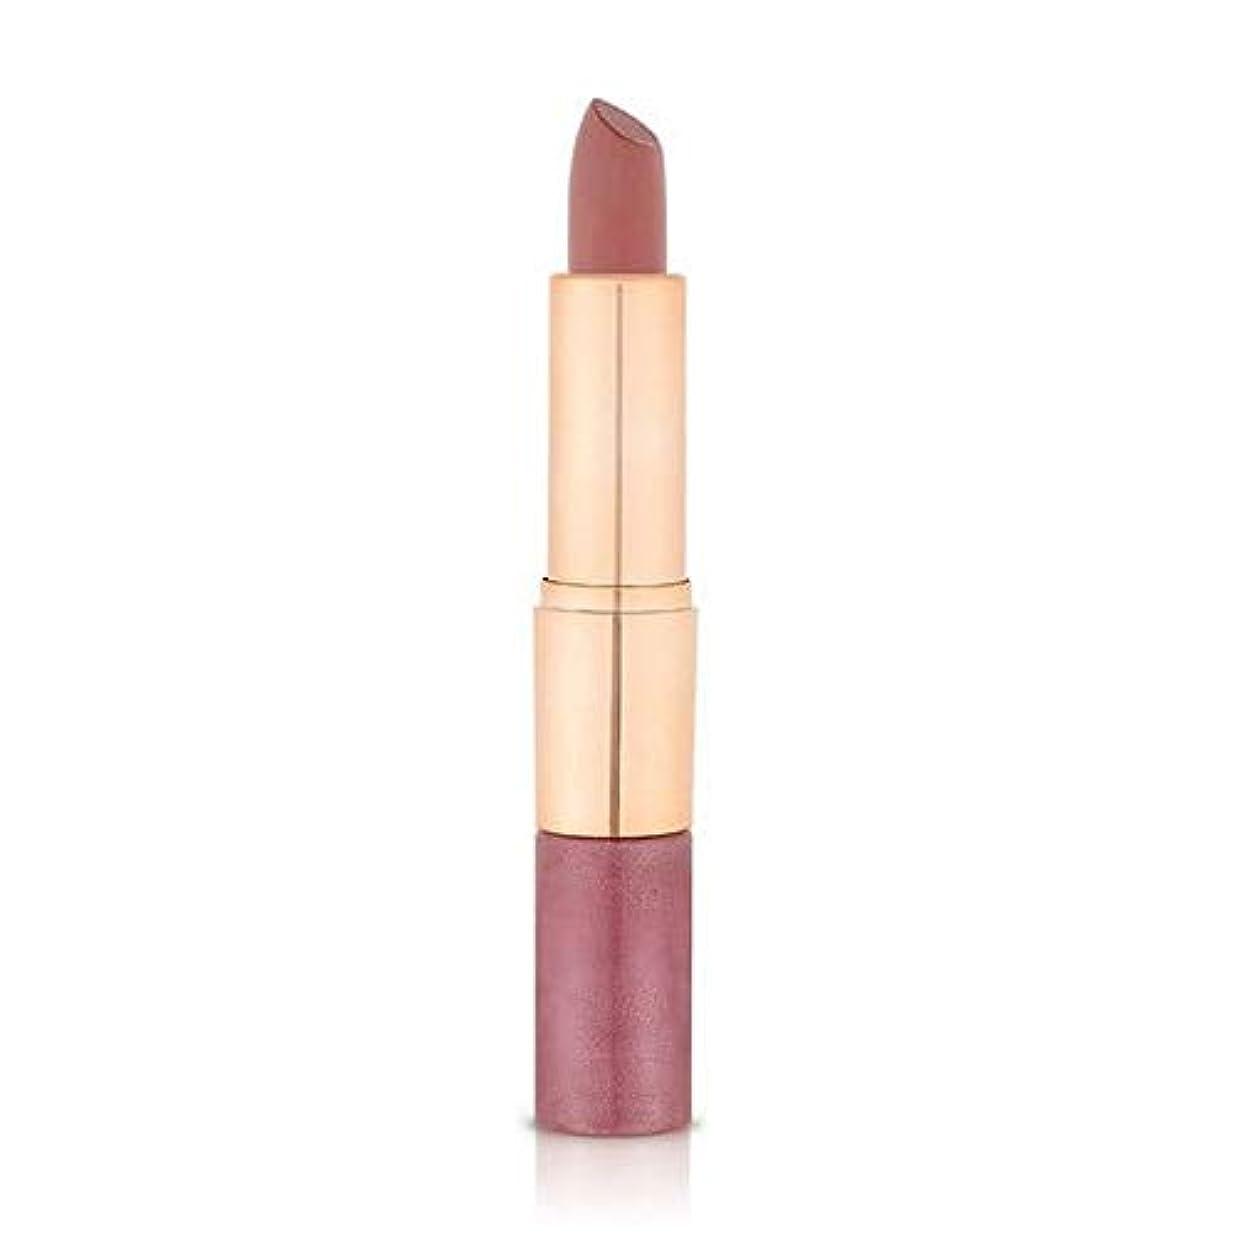 ほのめかす憧れ欲求不満[Flower Beauty ] 花の美しさのミックスN」はマットリップスティックデュオピンクくすぐら687 - Flower Beauty Mix N' Matte Lipstick Duo Tickled Pink...